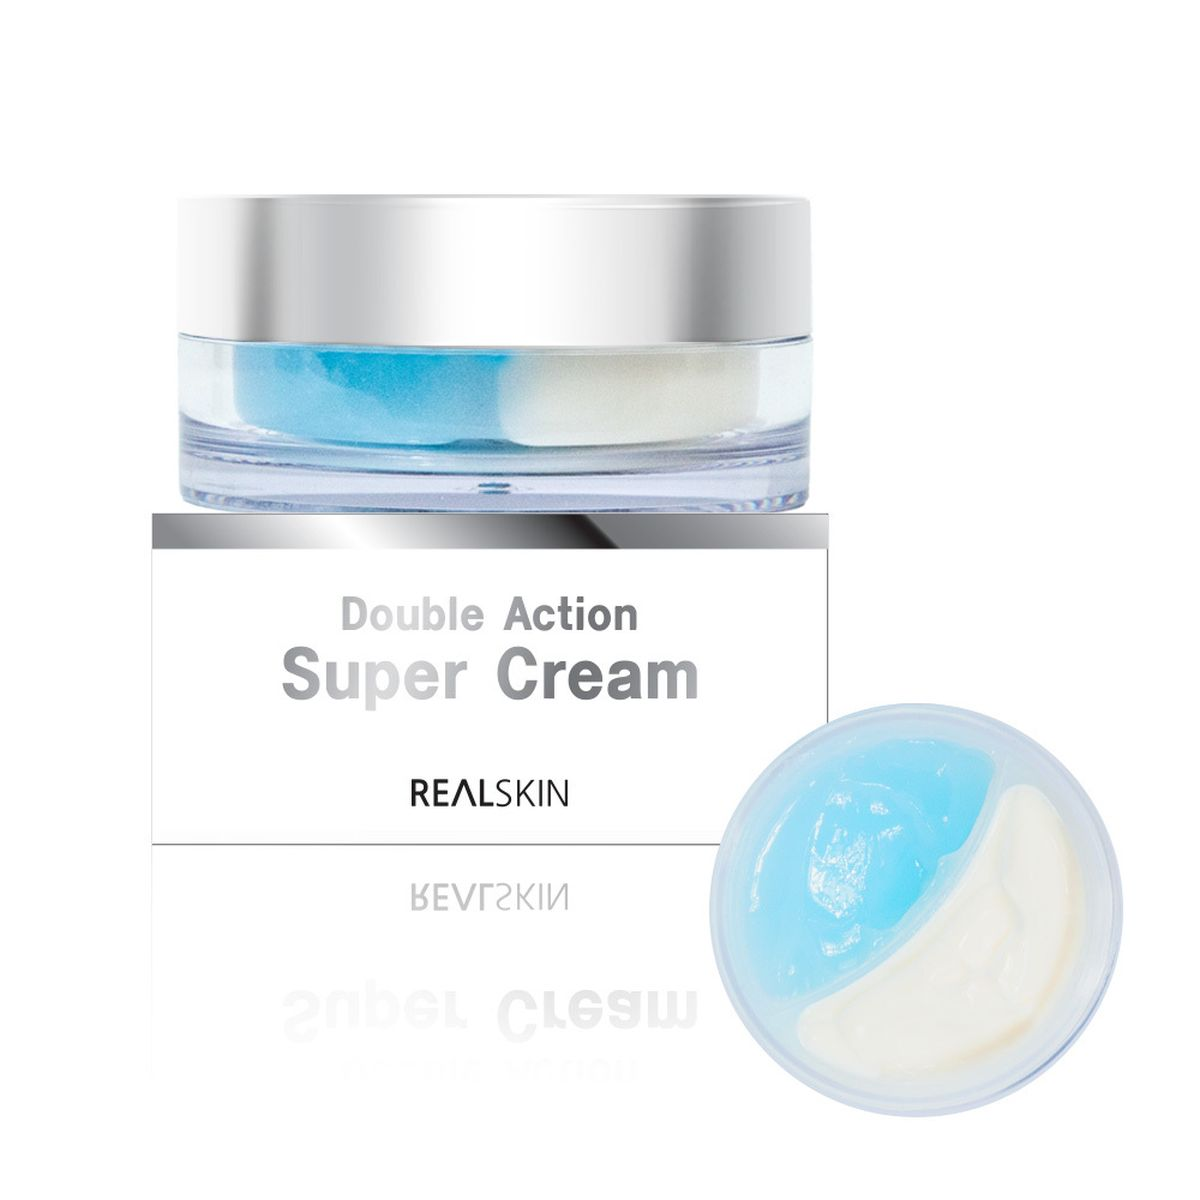 Двойной крем для увлажнения и питания Realskin Double Action Super Cream - 100 мл